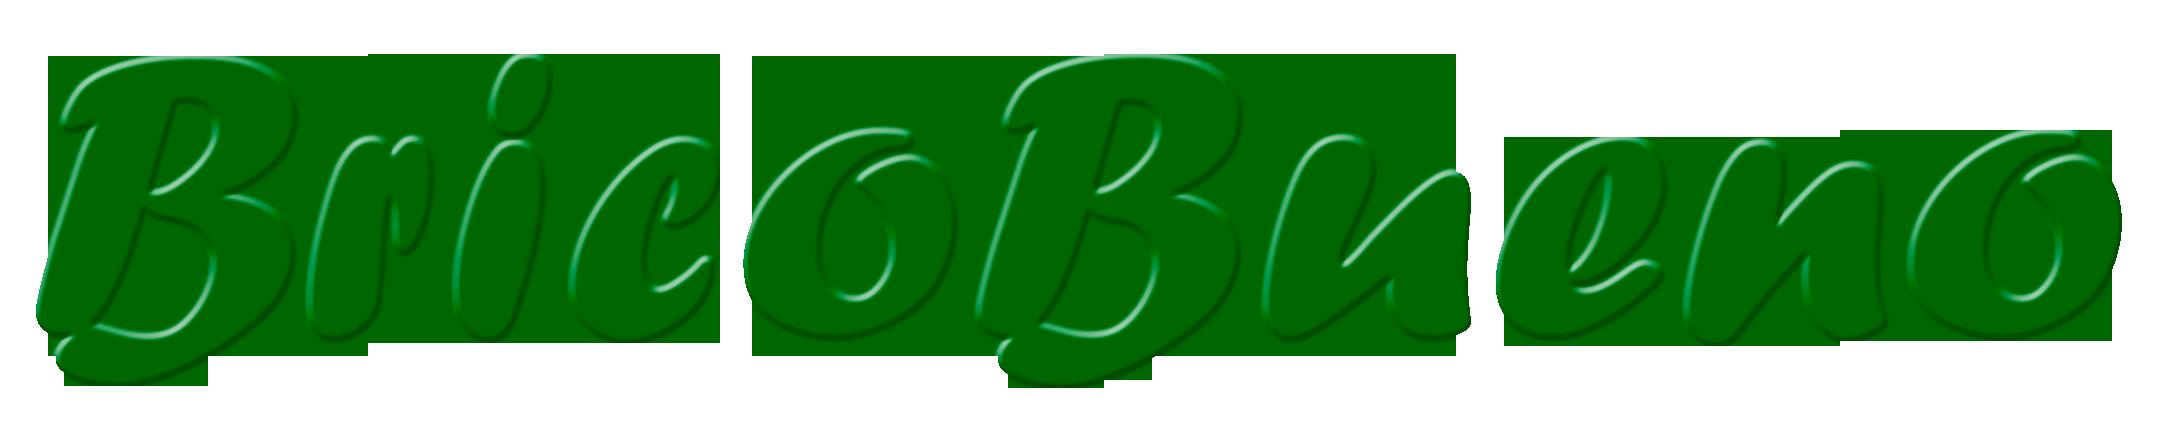 Ferreteria Bricobueno